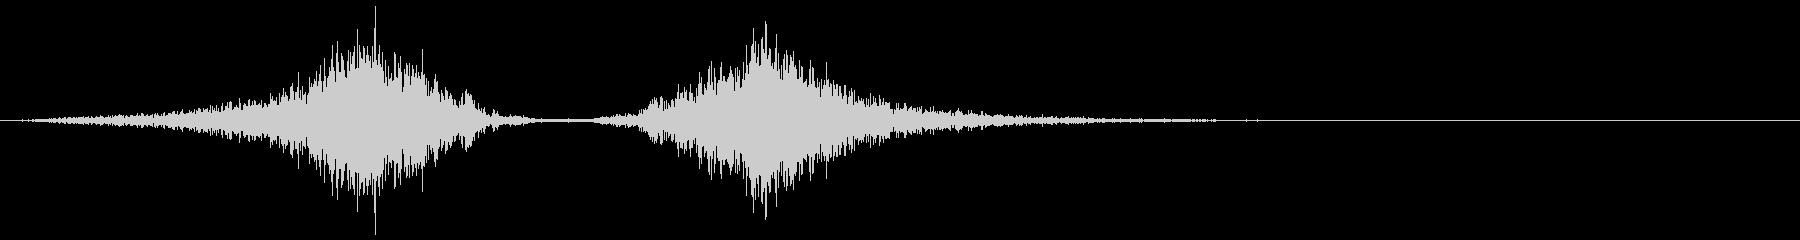 シューッという音EC07_90_3 2の未再生の波形